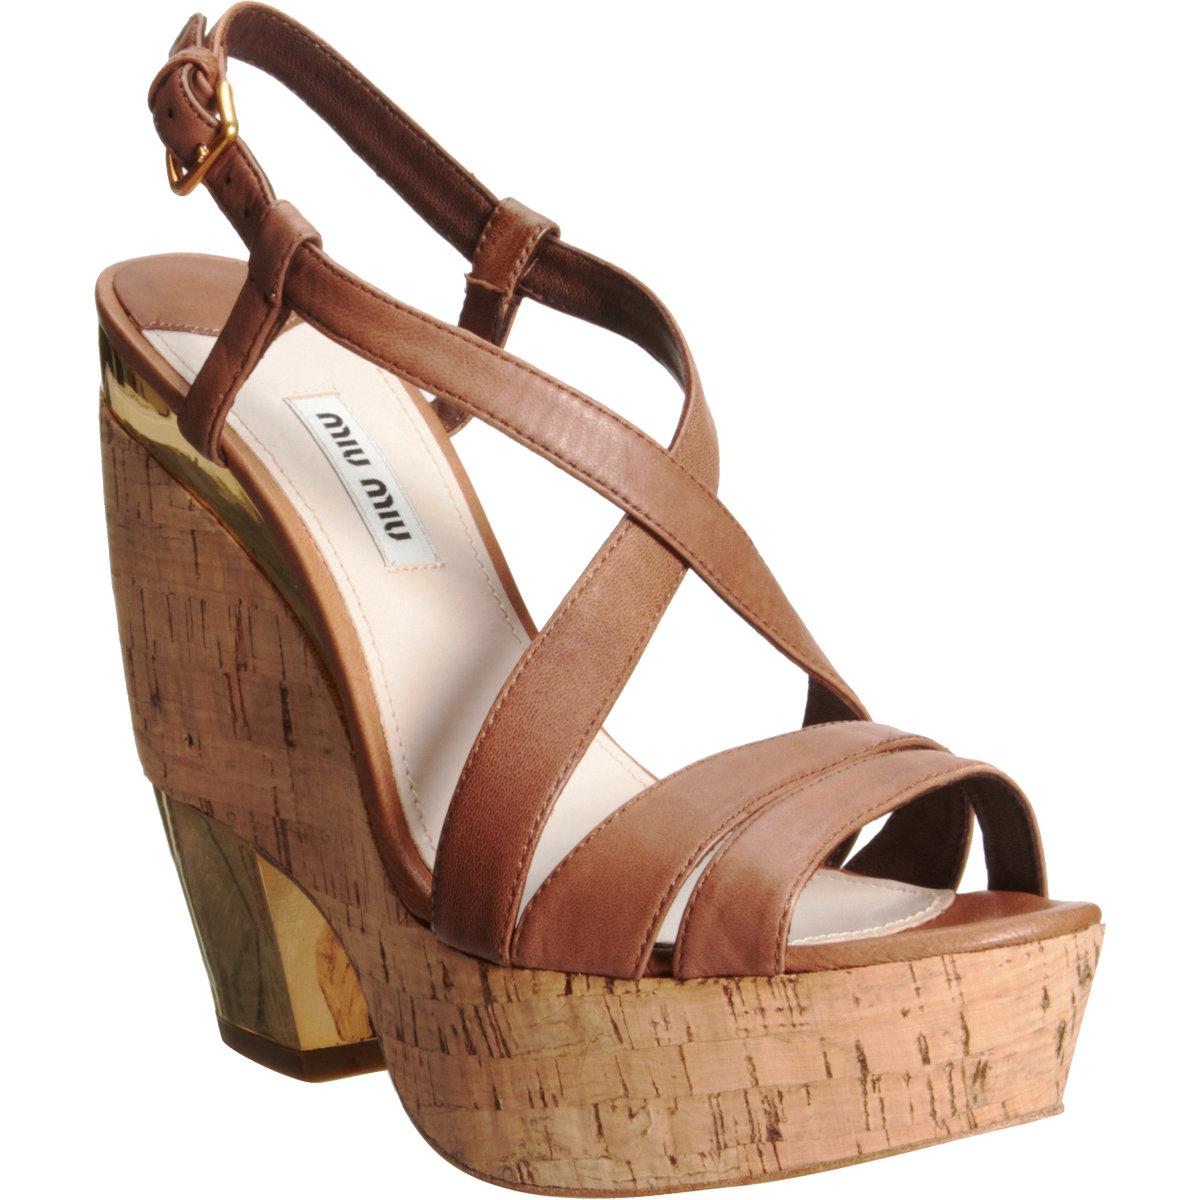 f88e01b7047 Miu Miu Cutout Wedge Sandal in Natural - Lyst